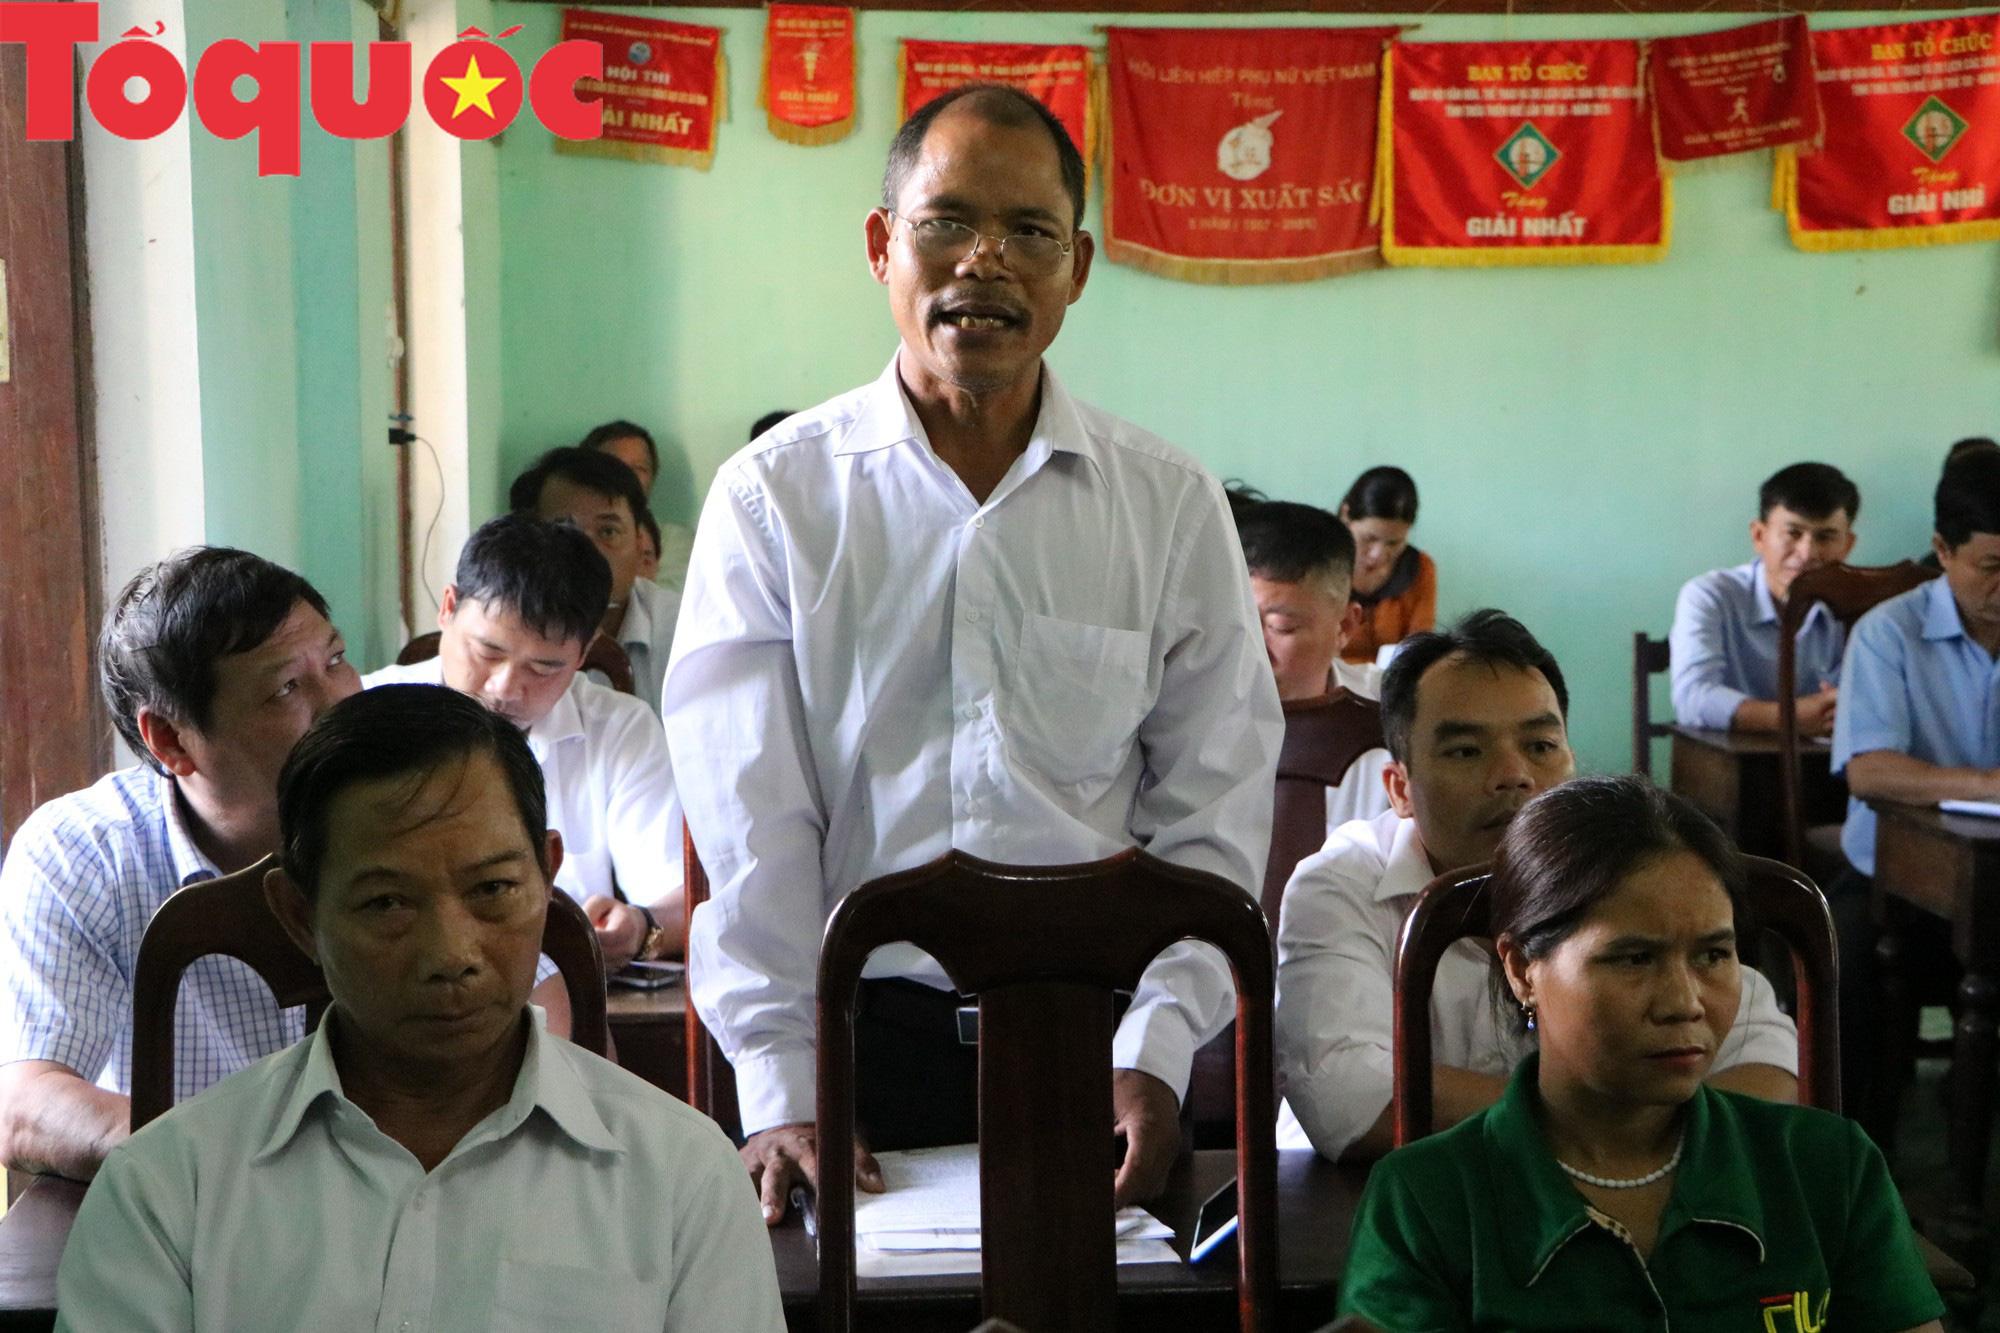 Bộ trưởng Nguyễn Ngọc Thiện: Đảng và Nhà nước rất quan tâm và kiên quyết xử lý các tệ nạn xã hội - Ảnh 2.